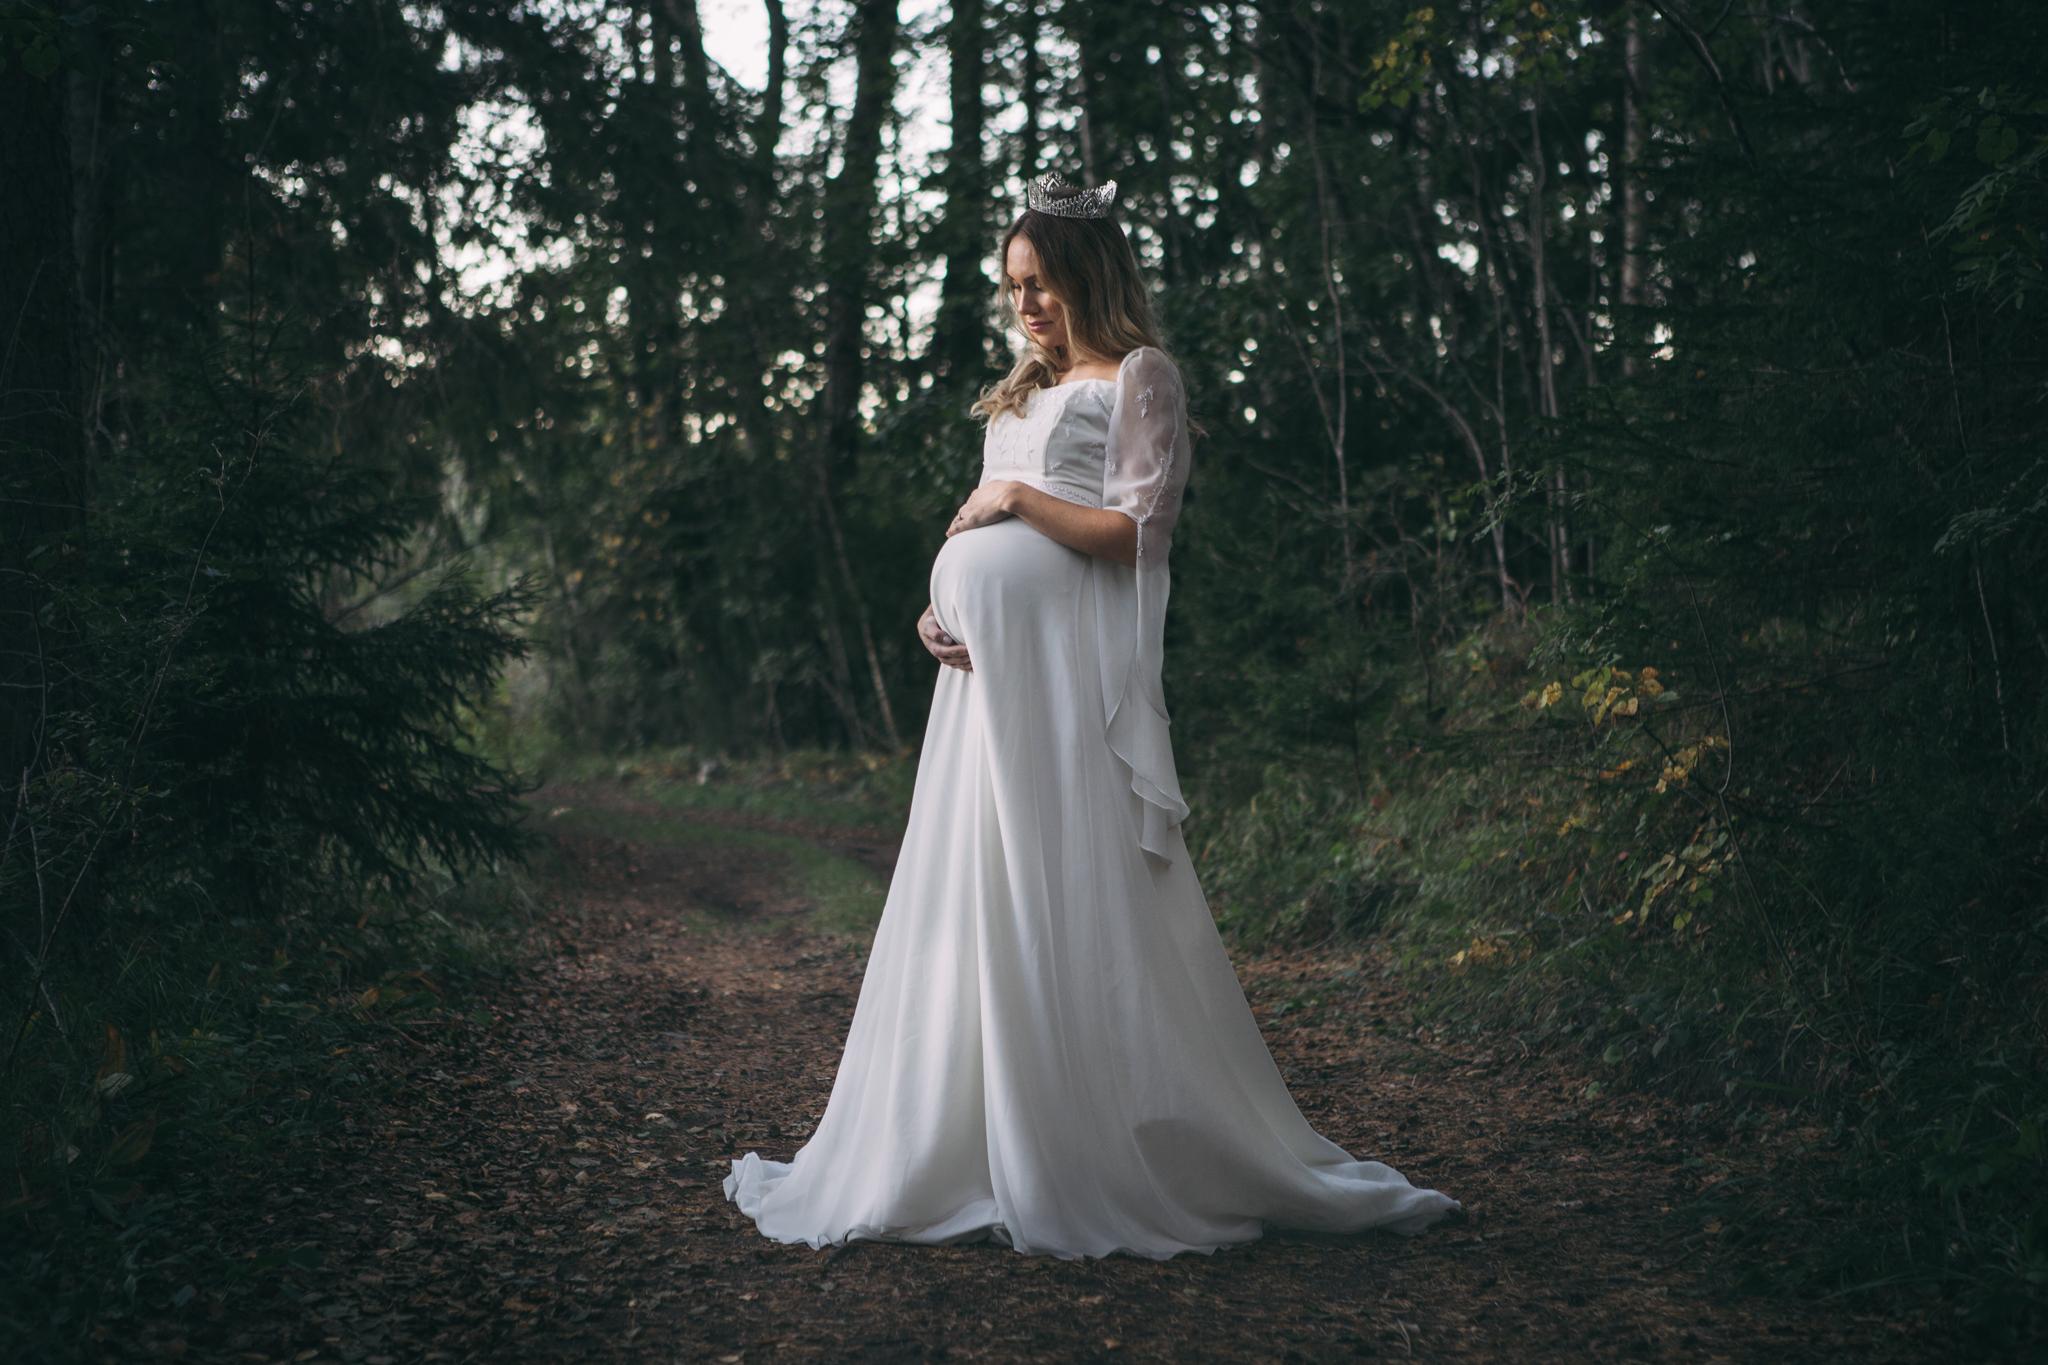 bridal by tessan - brud- och balklänningsbutik i centrala Gävle. samarbete kring stylade fotograferingar. rekommenderas för dess bra priser, sortiment och servicekänsla.https://www.bridalbytessan.se/